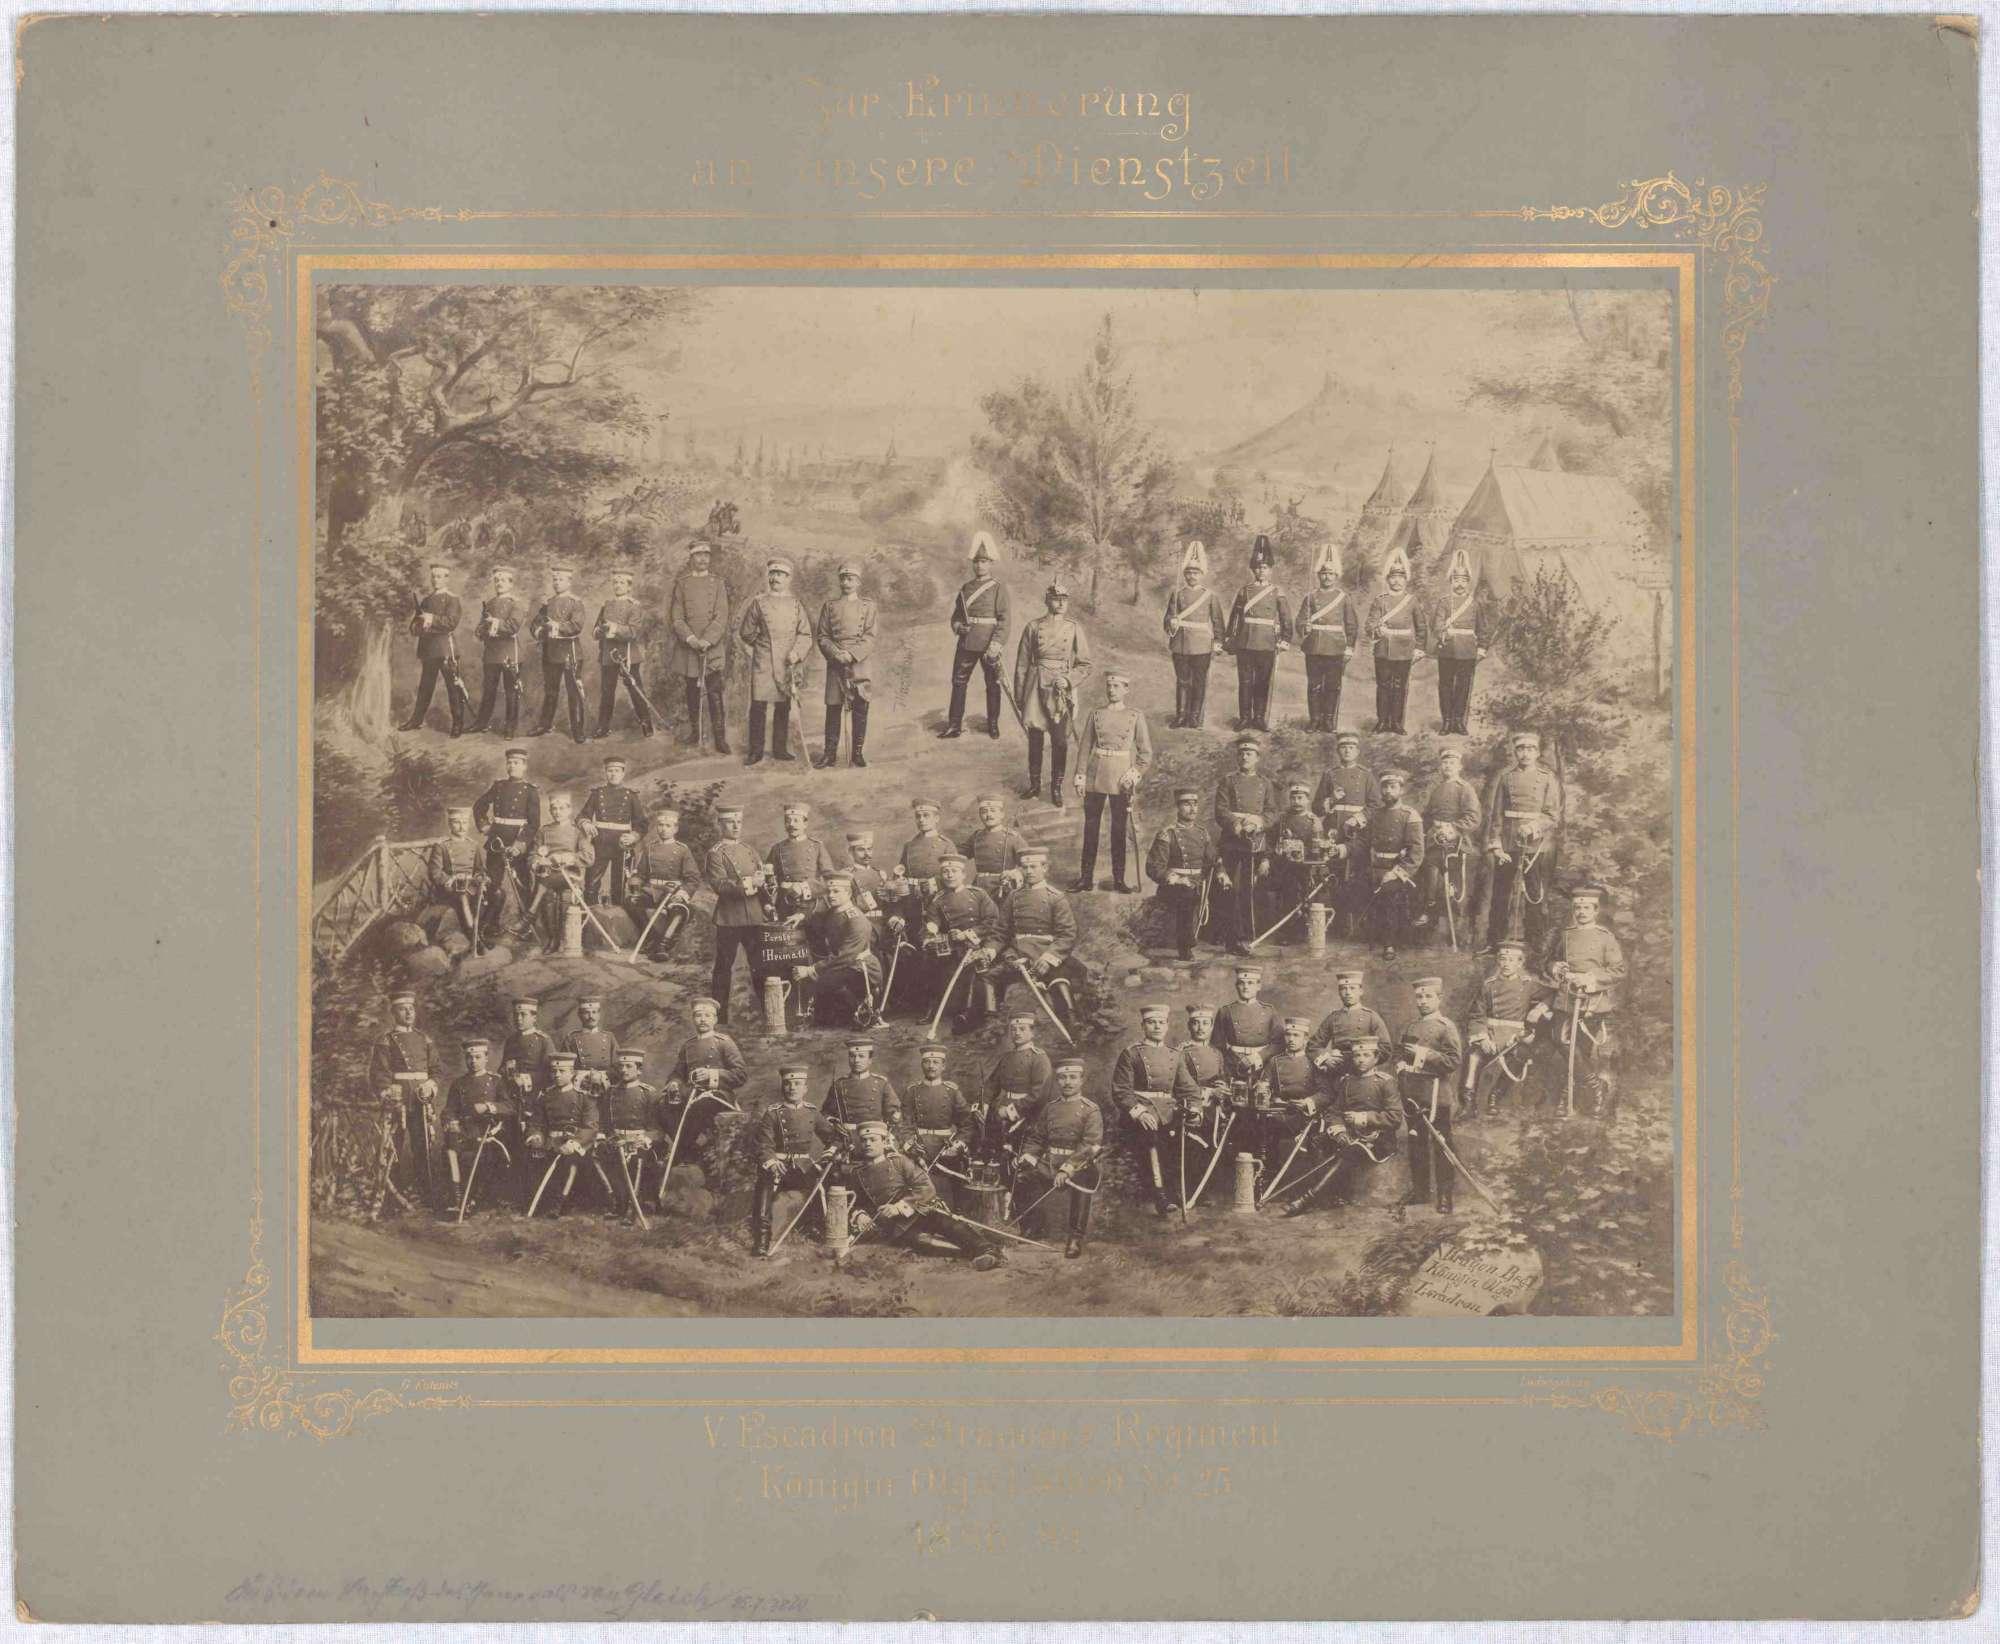 5. Eskadron (ca. achtundfünfzig Personen) Jahrgang 1886-1889, des Regiments teils in Reihe angetreten, in Gruppen zusammen oder sitzend, im Hintergrund zwei Heere im Gefecht, Bild 1